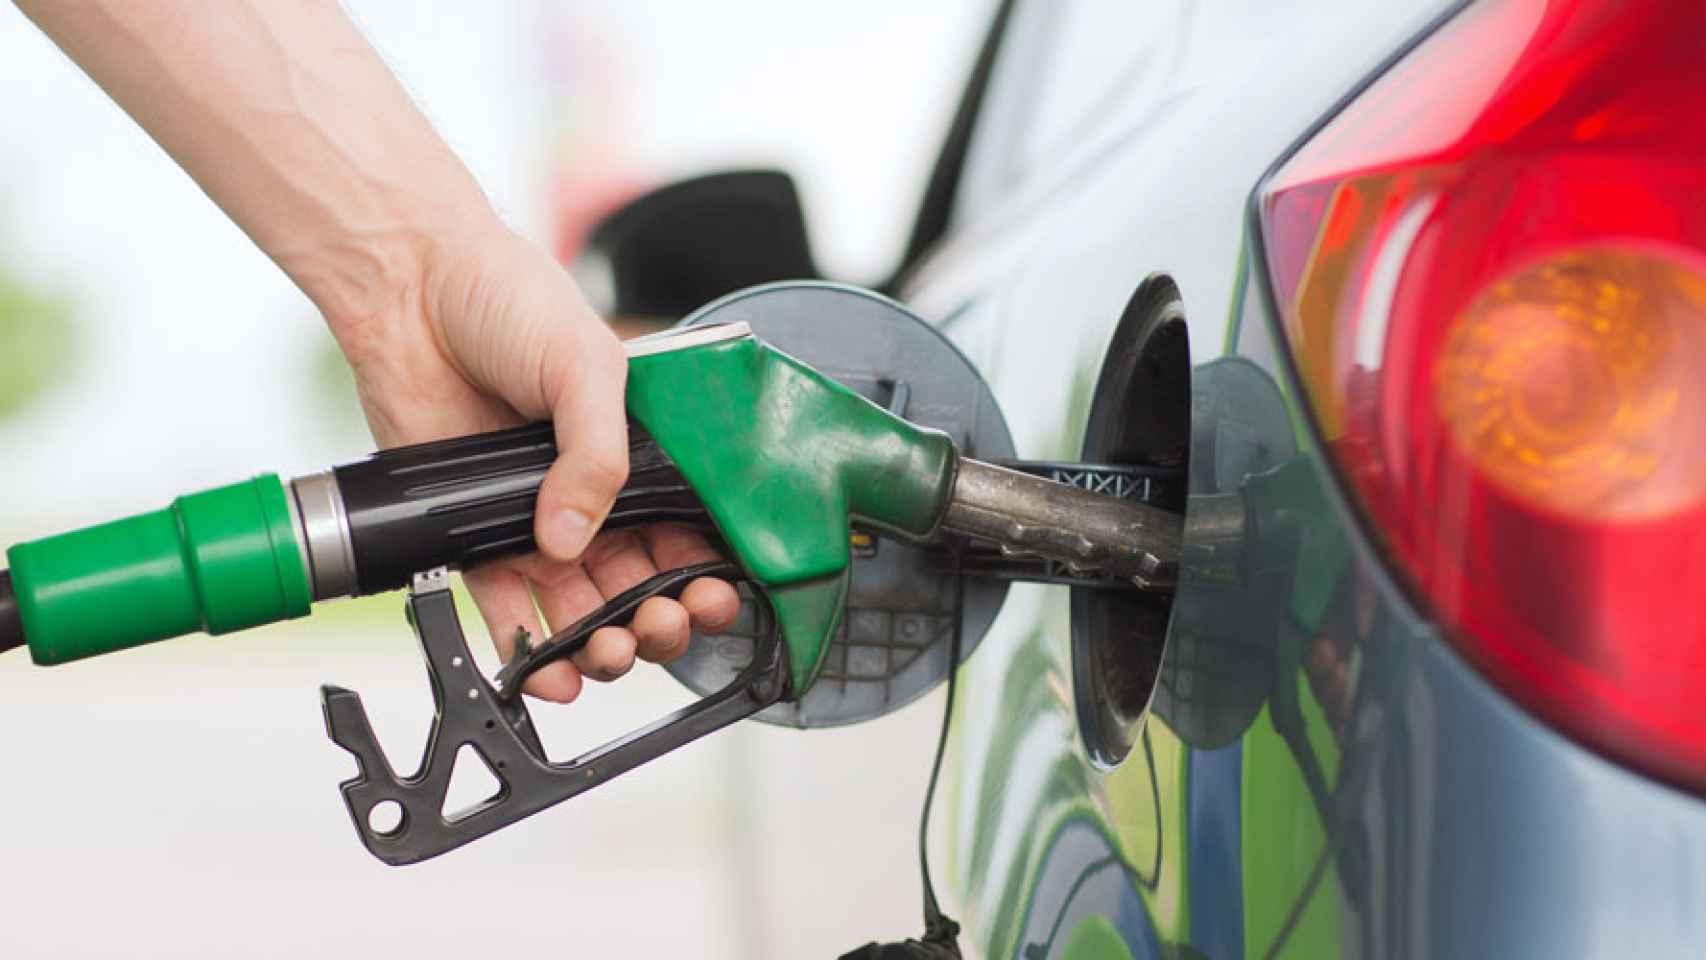 Echarnos la gasolina y otras situaciones donde nos cobran por hacer su  trabajo: Echarnos la gasolina y otras situaciones donde nos cobran por  hacer su trabajo